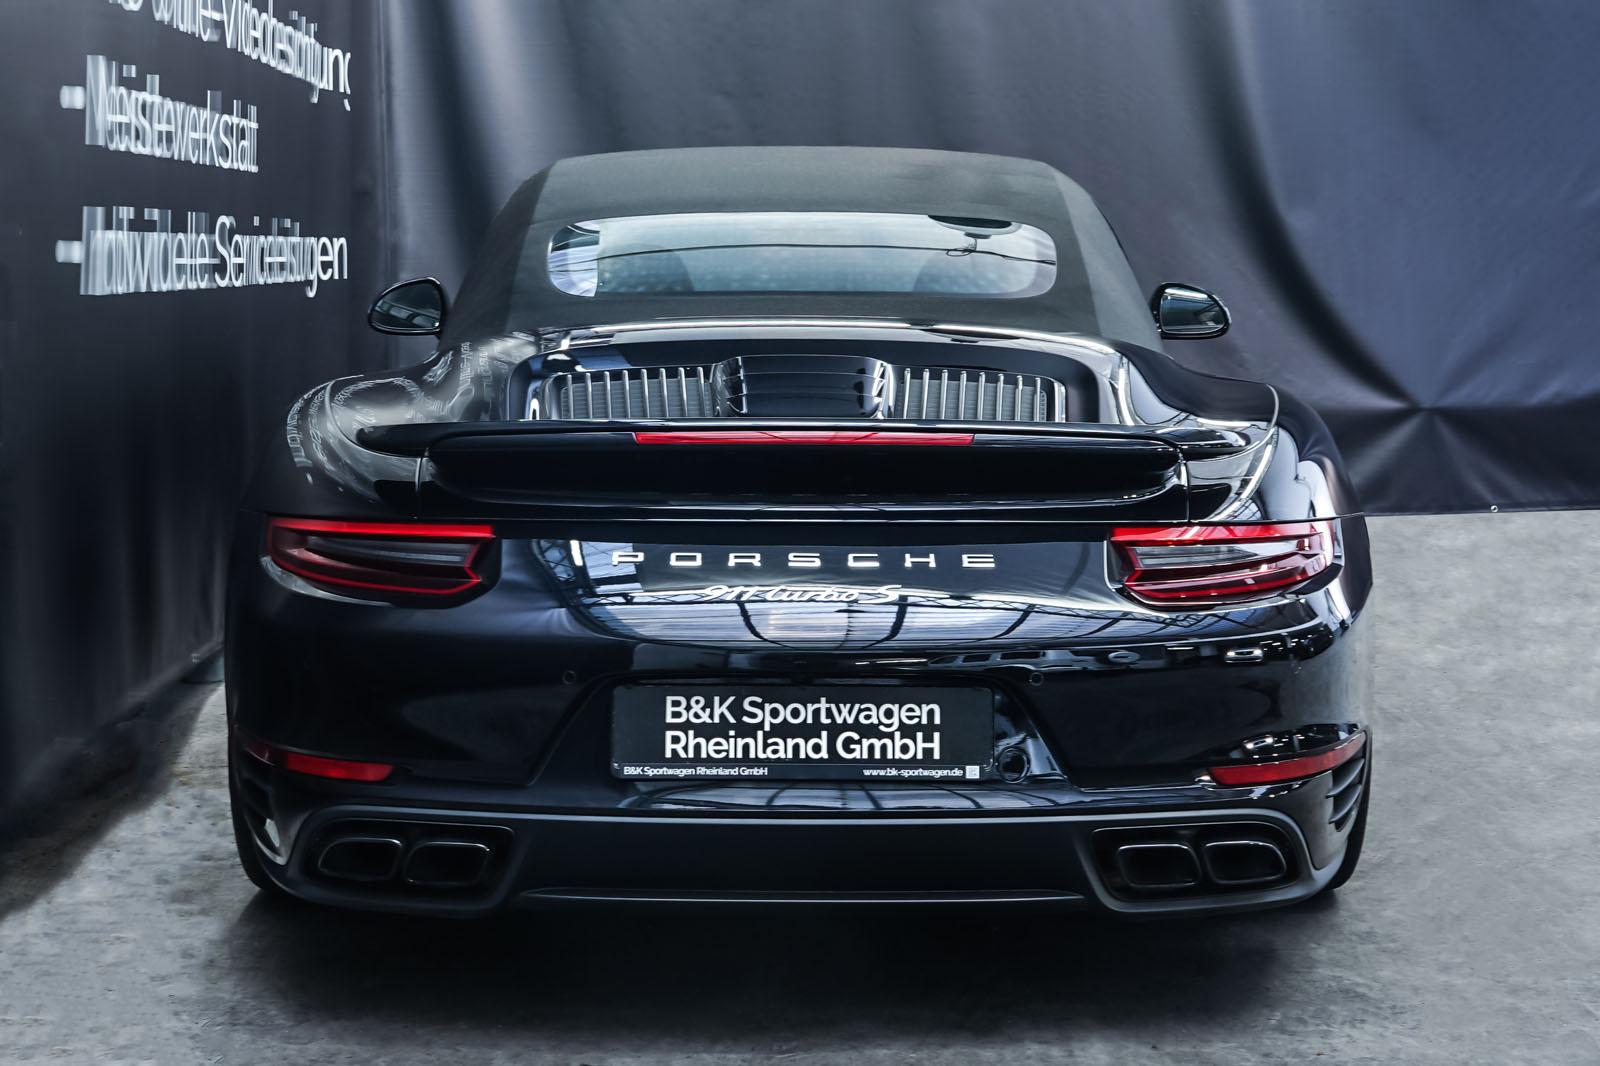 Porsche_991_TurboS_Cabrio_Schwarz_Braun_POR-9733_25_w